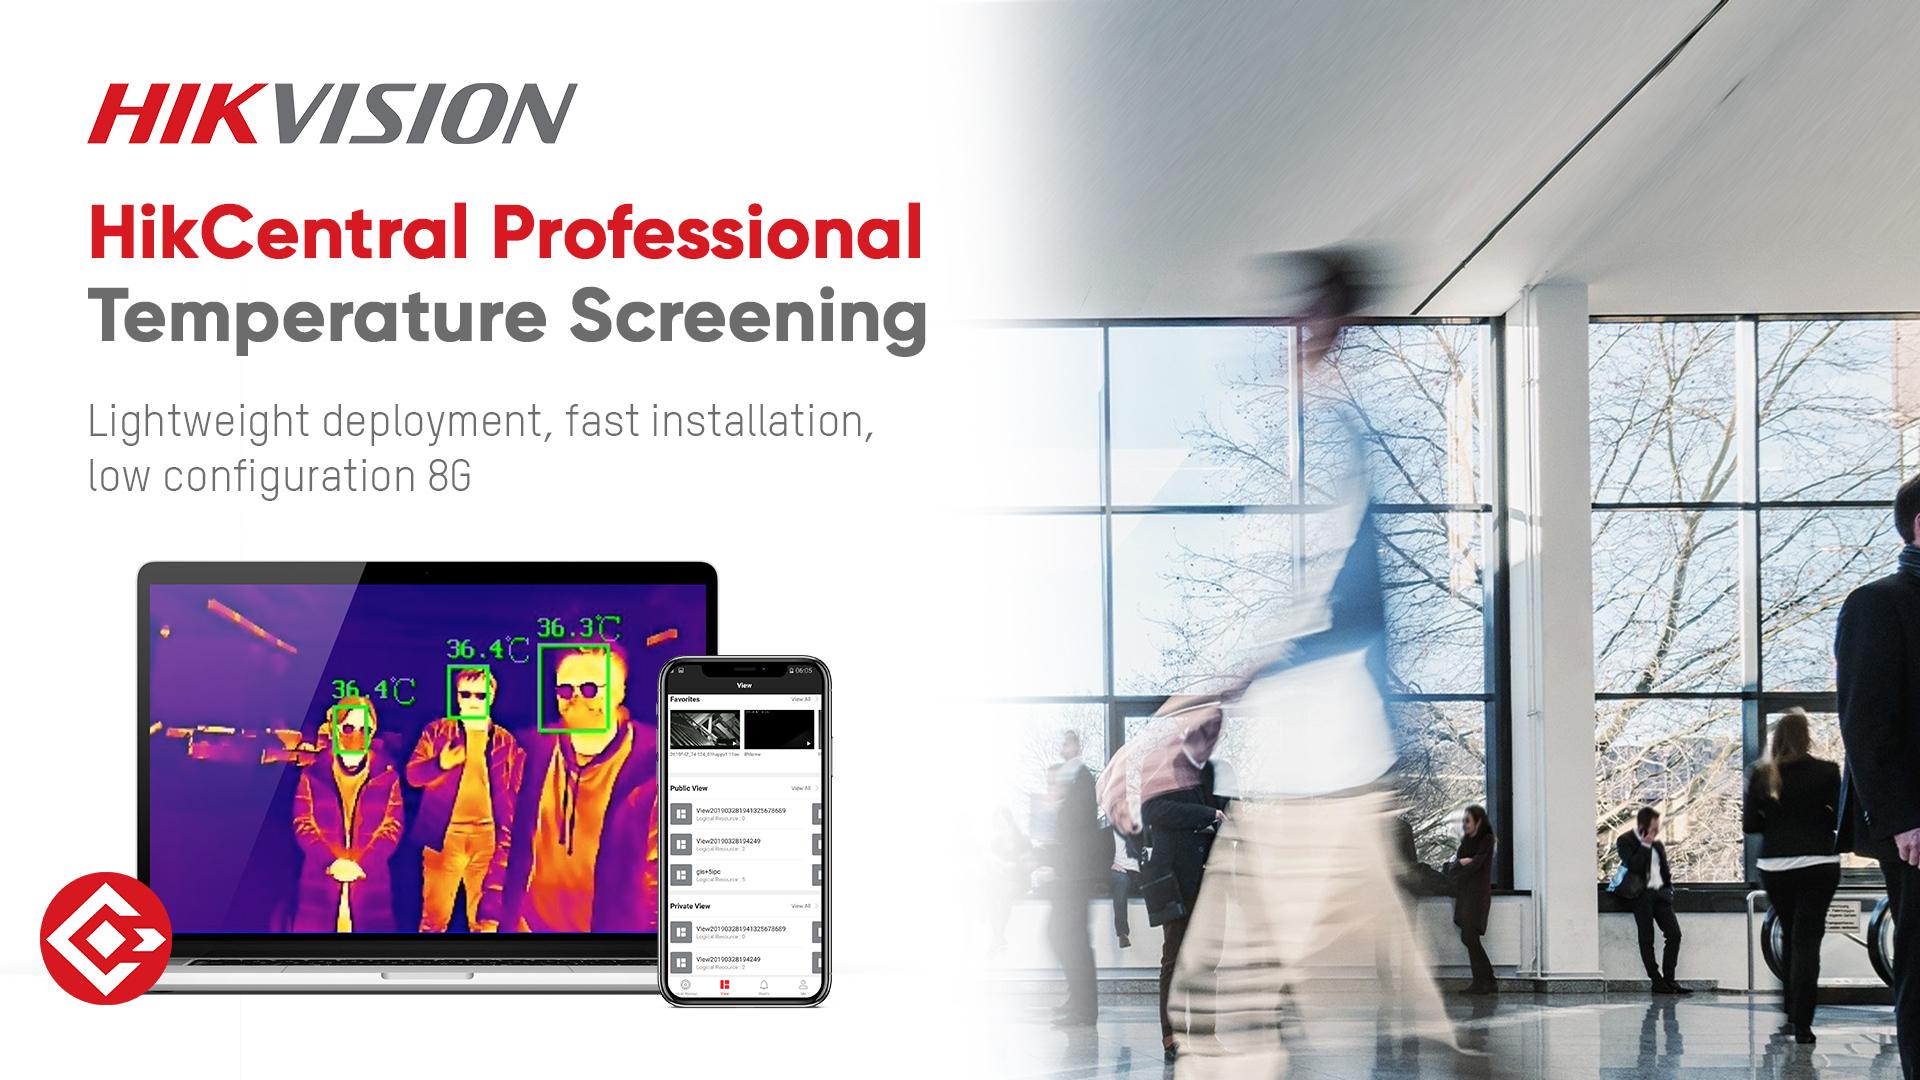 Hikvision HikCentral Professional Temperature Screening